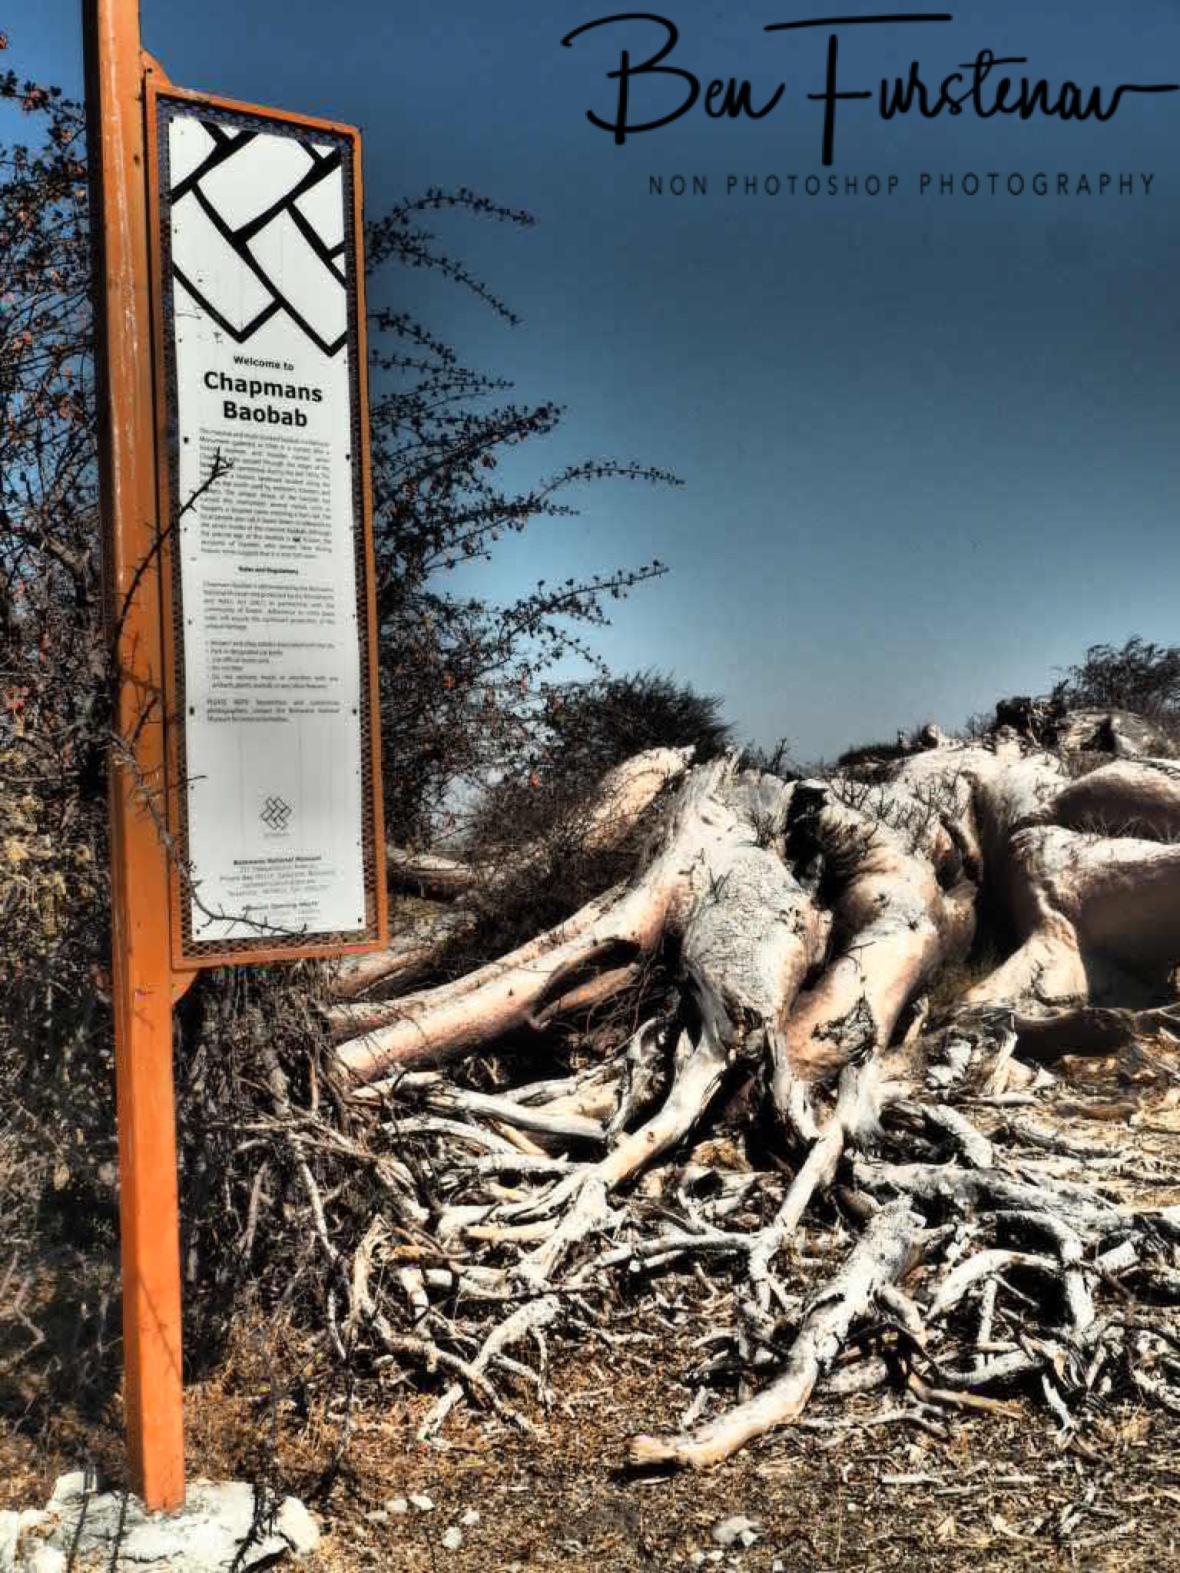 Chapman's Baobabs site, Makgadikgadi Salt Pans, Botswana